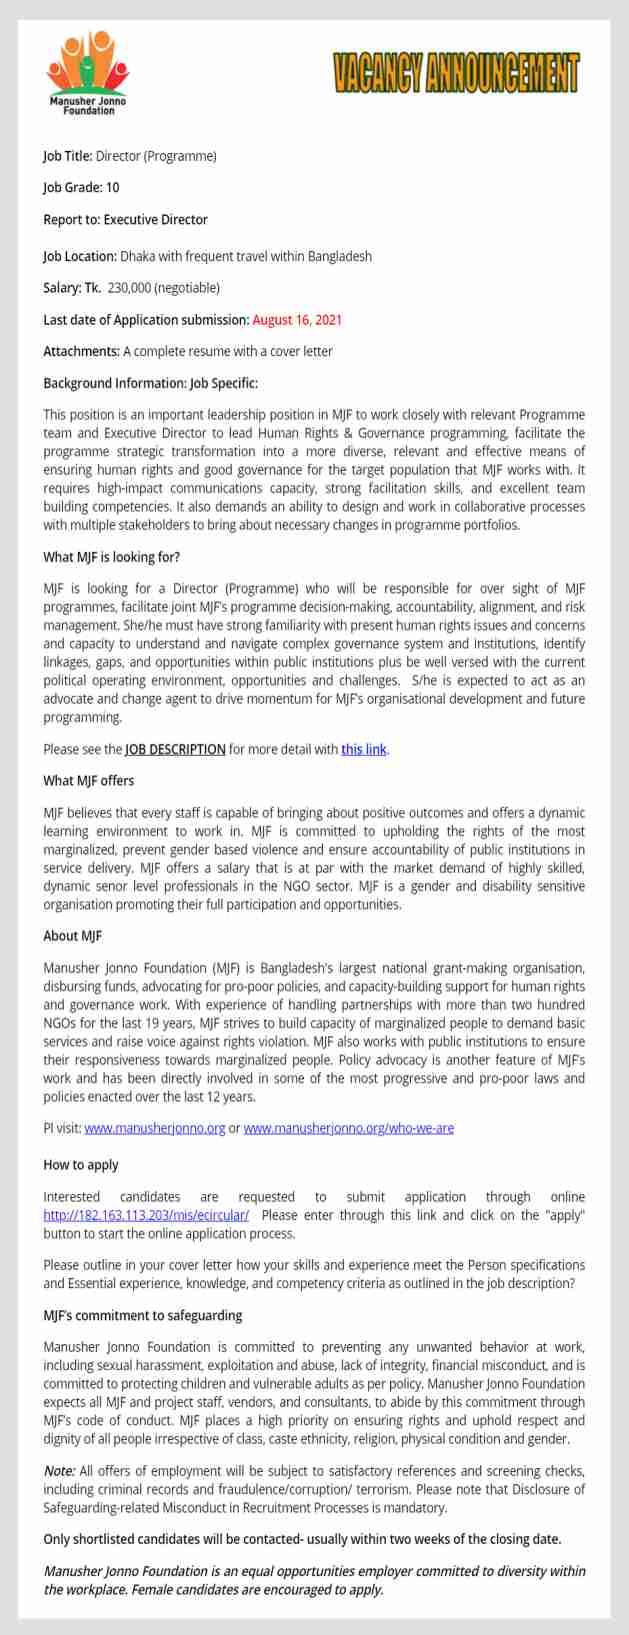 Manusher Jonno Foundation Job Circular 2021